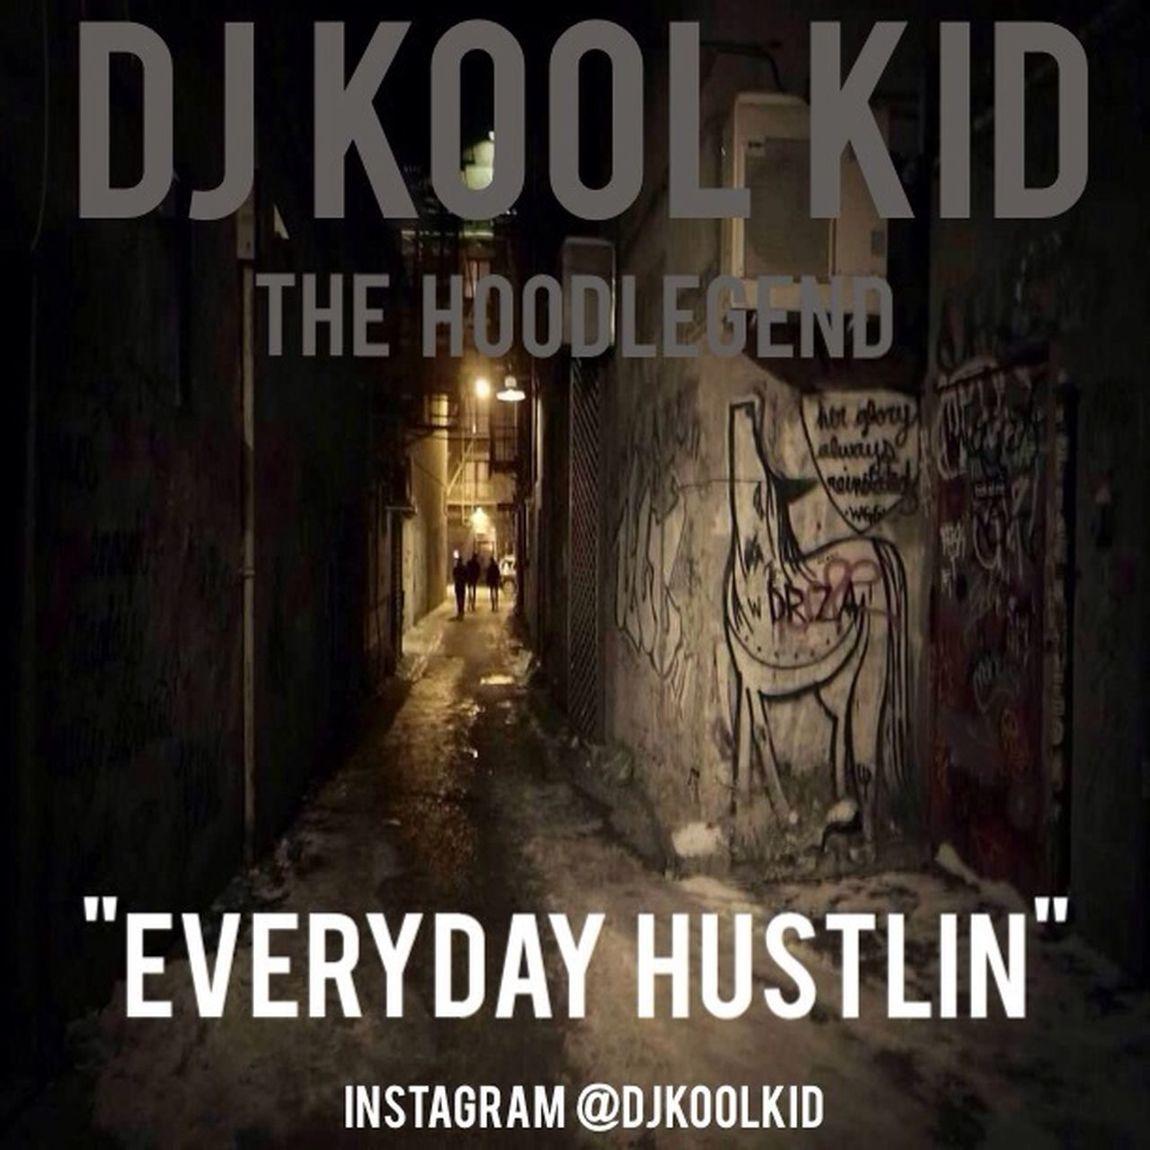 New dj kool kid mkx available now on soundcloud.com/djkoolkid